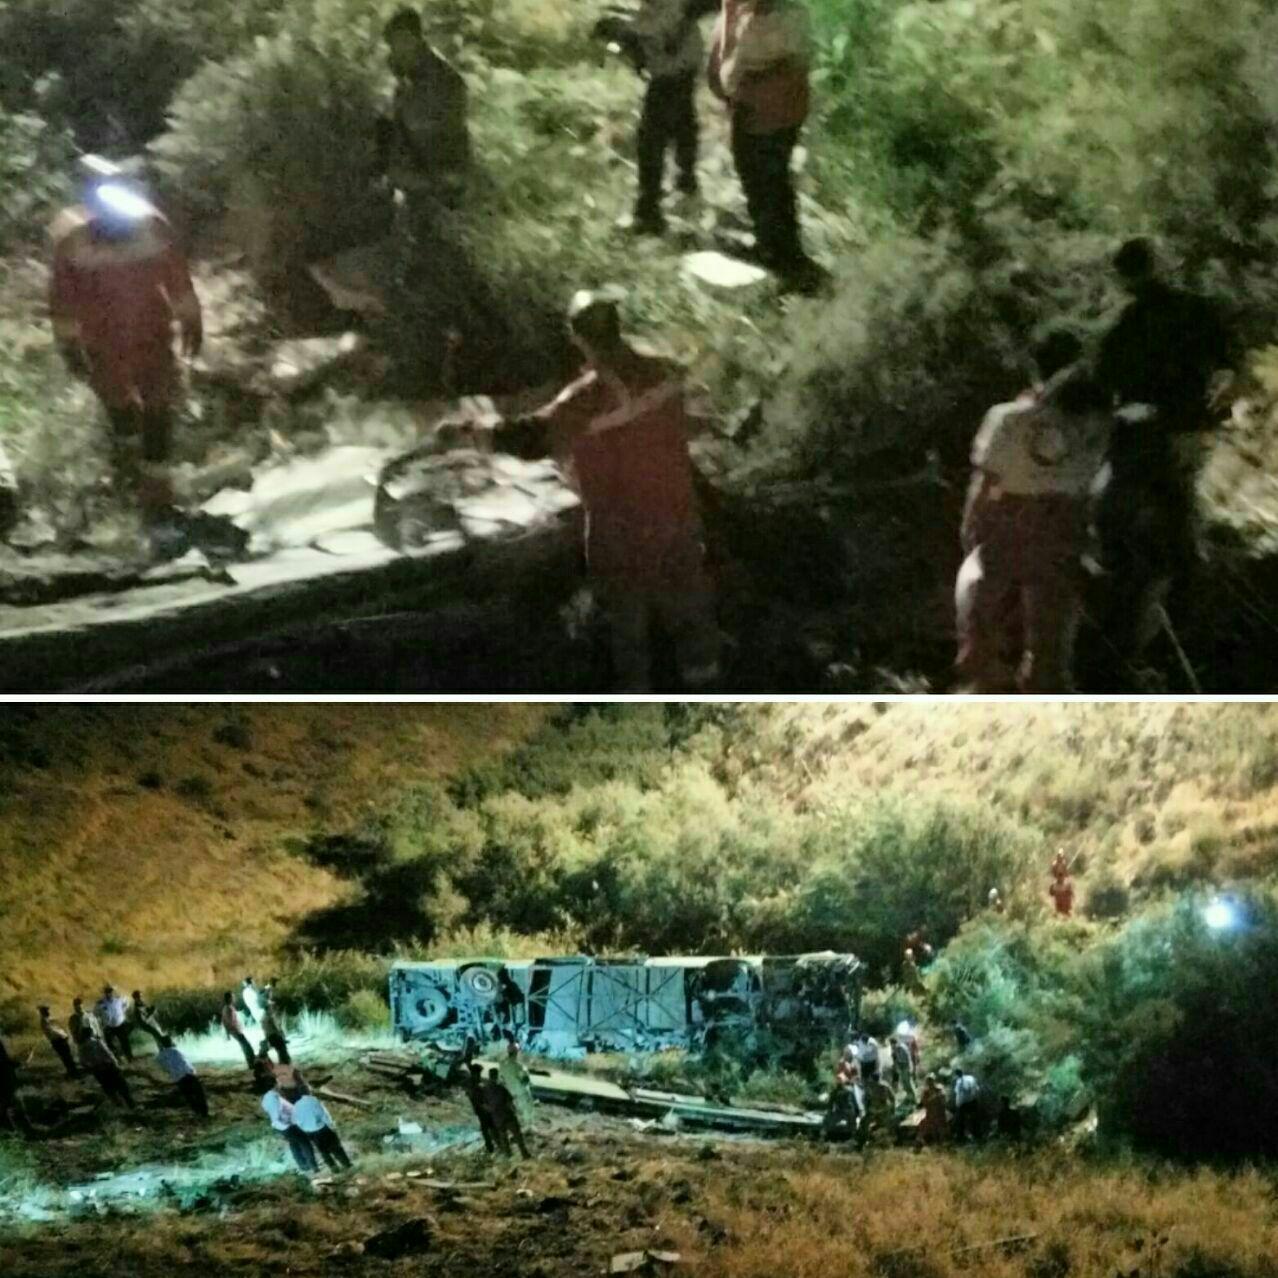 11 کشته و 28 زخمی در سقوط اتوبوس در جاده آبعلی تهران (+عکس)